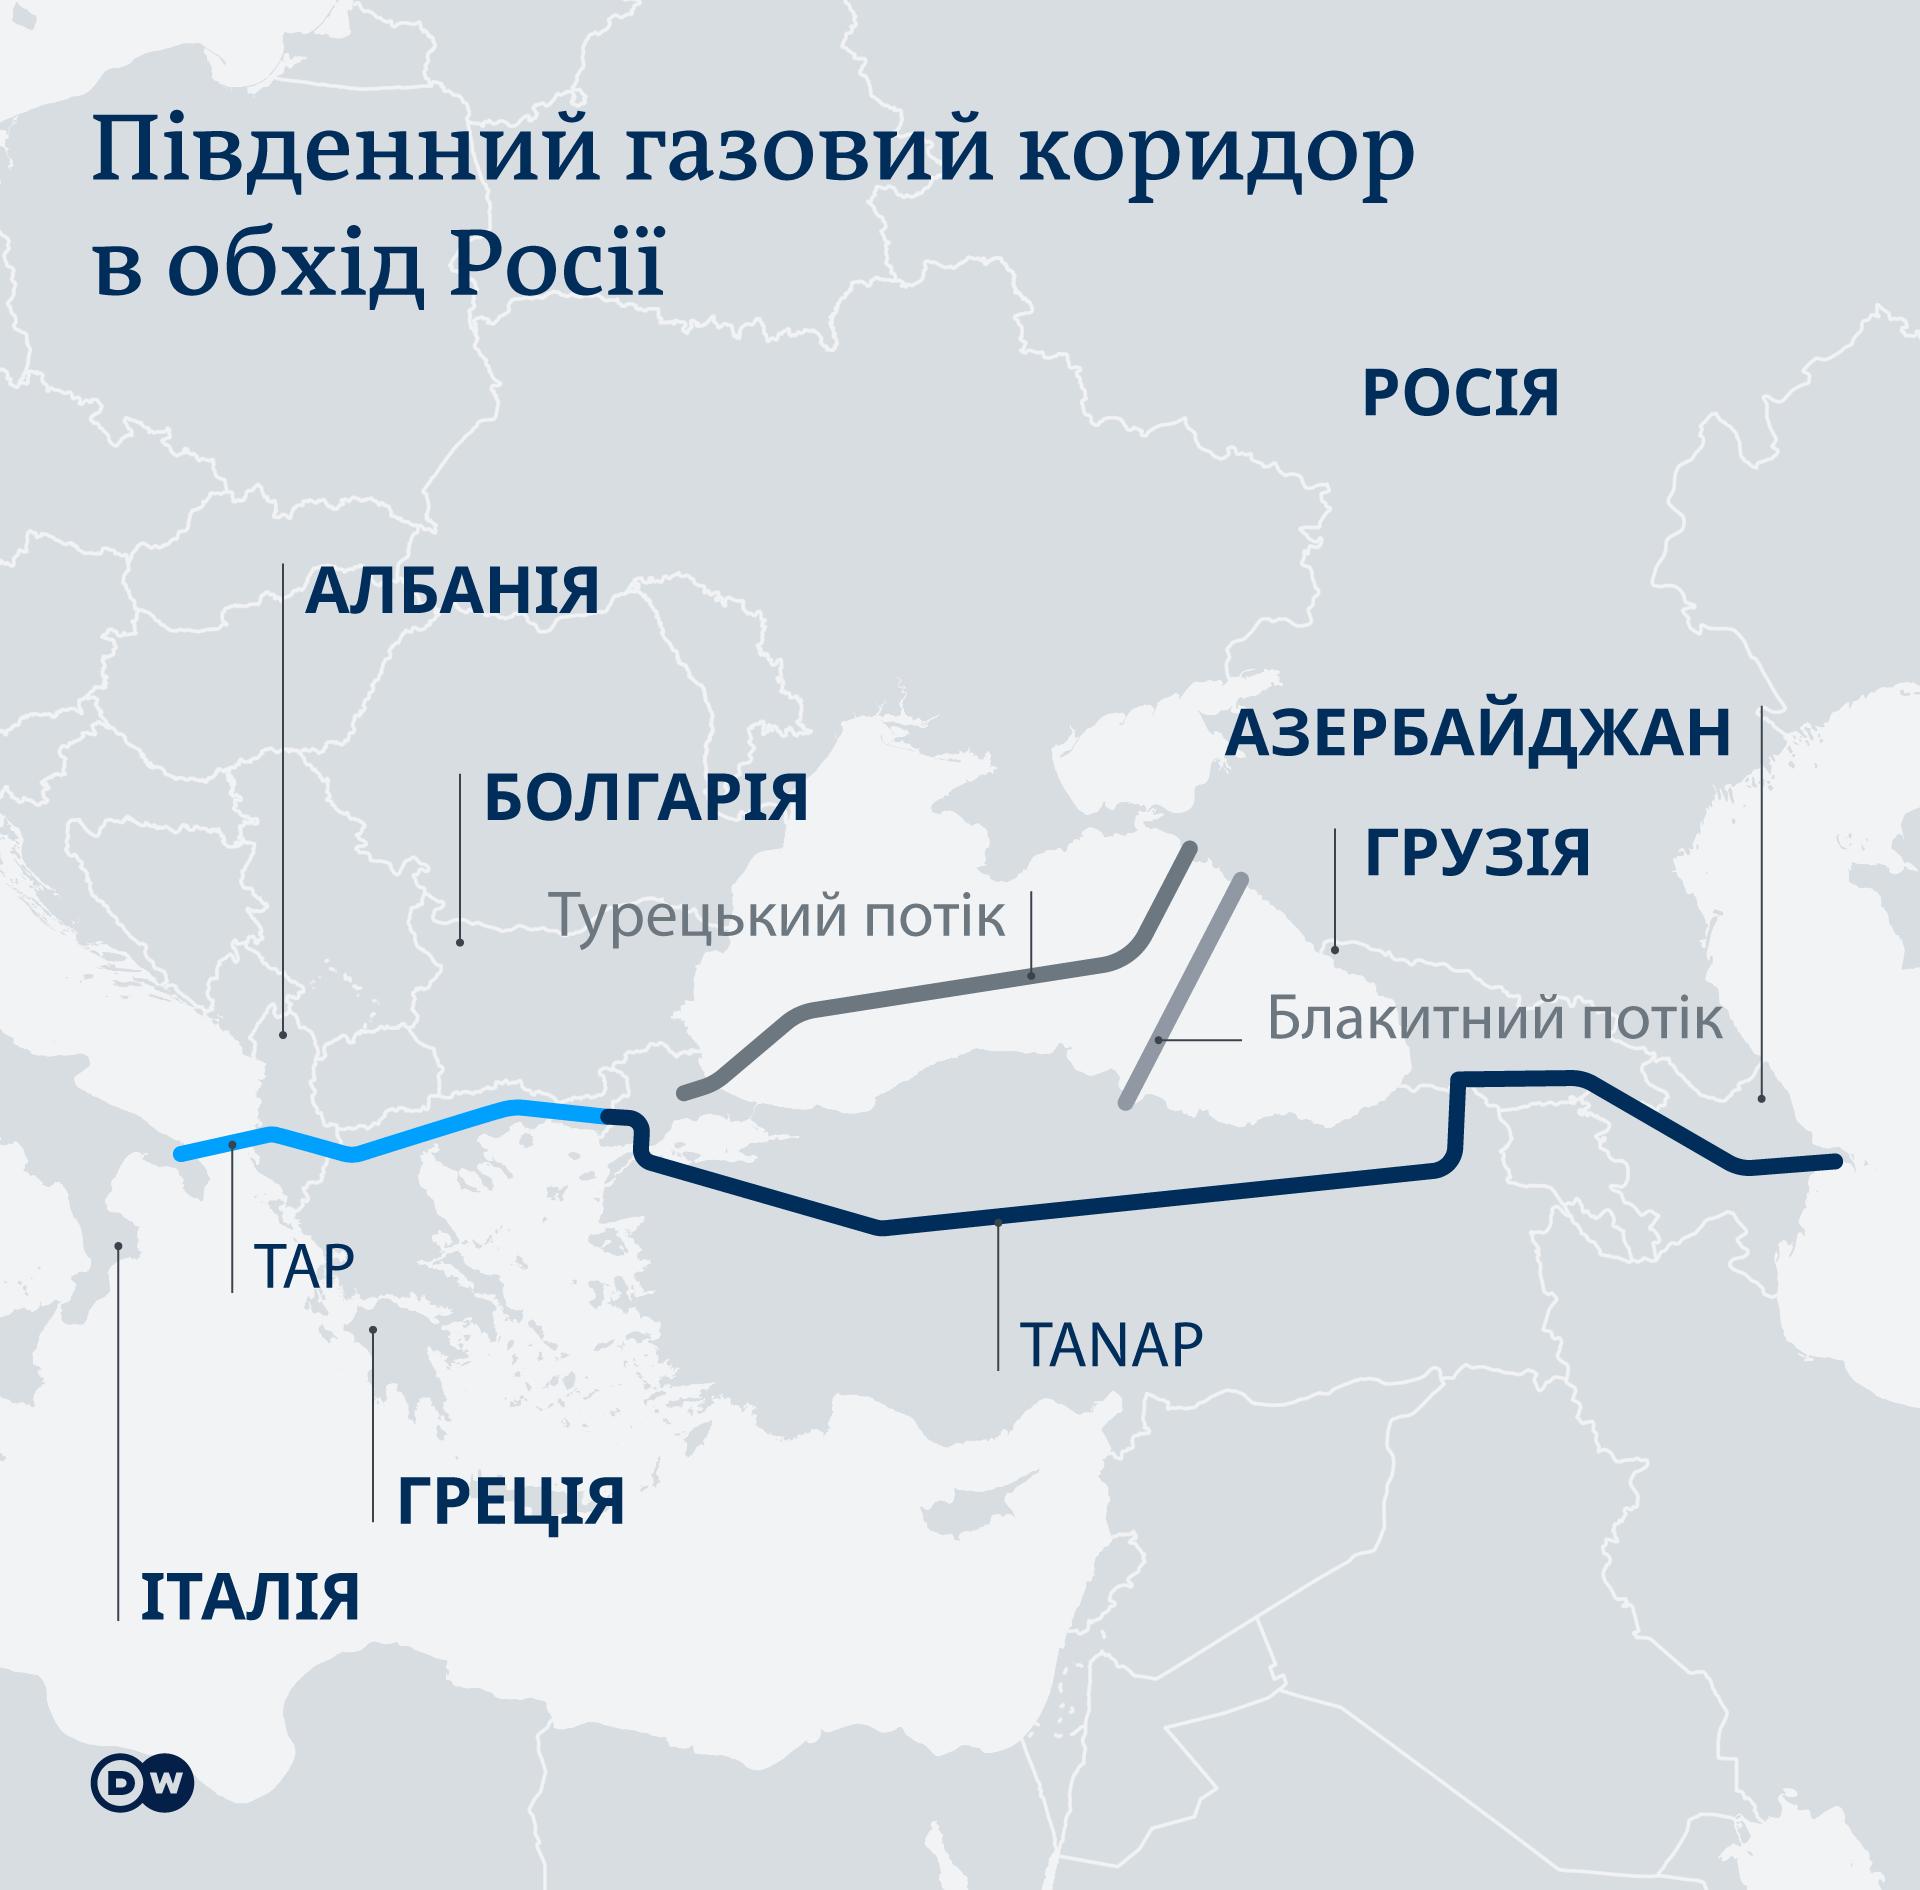 Мапа Південно-Східної Європи з зображенням трубопроводів TANAP, TAP, Турецький потік та Блакитний потік